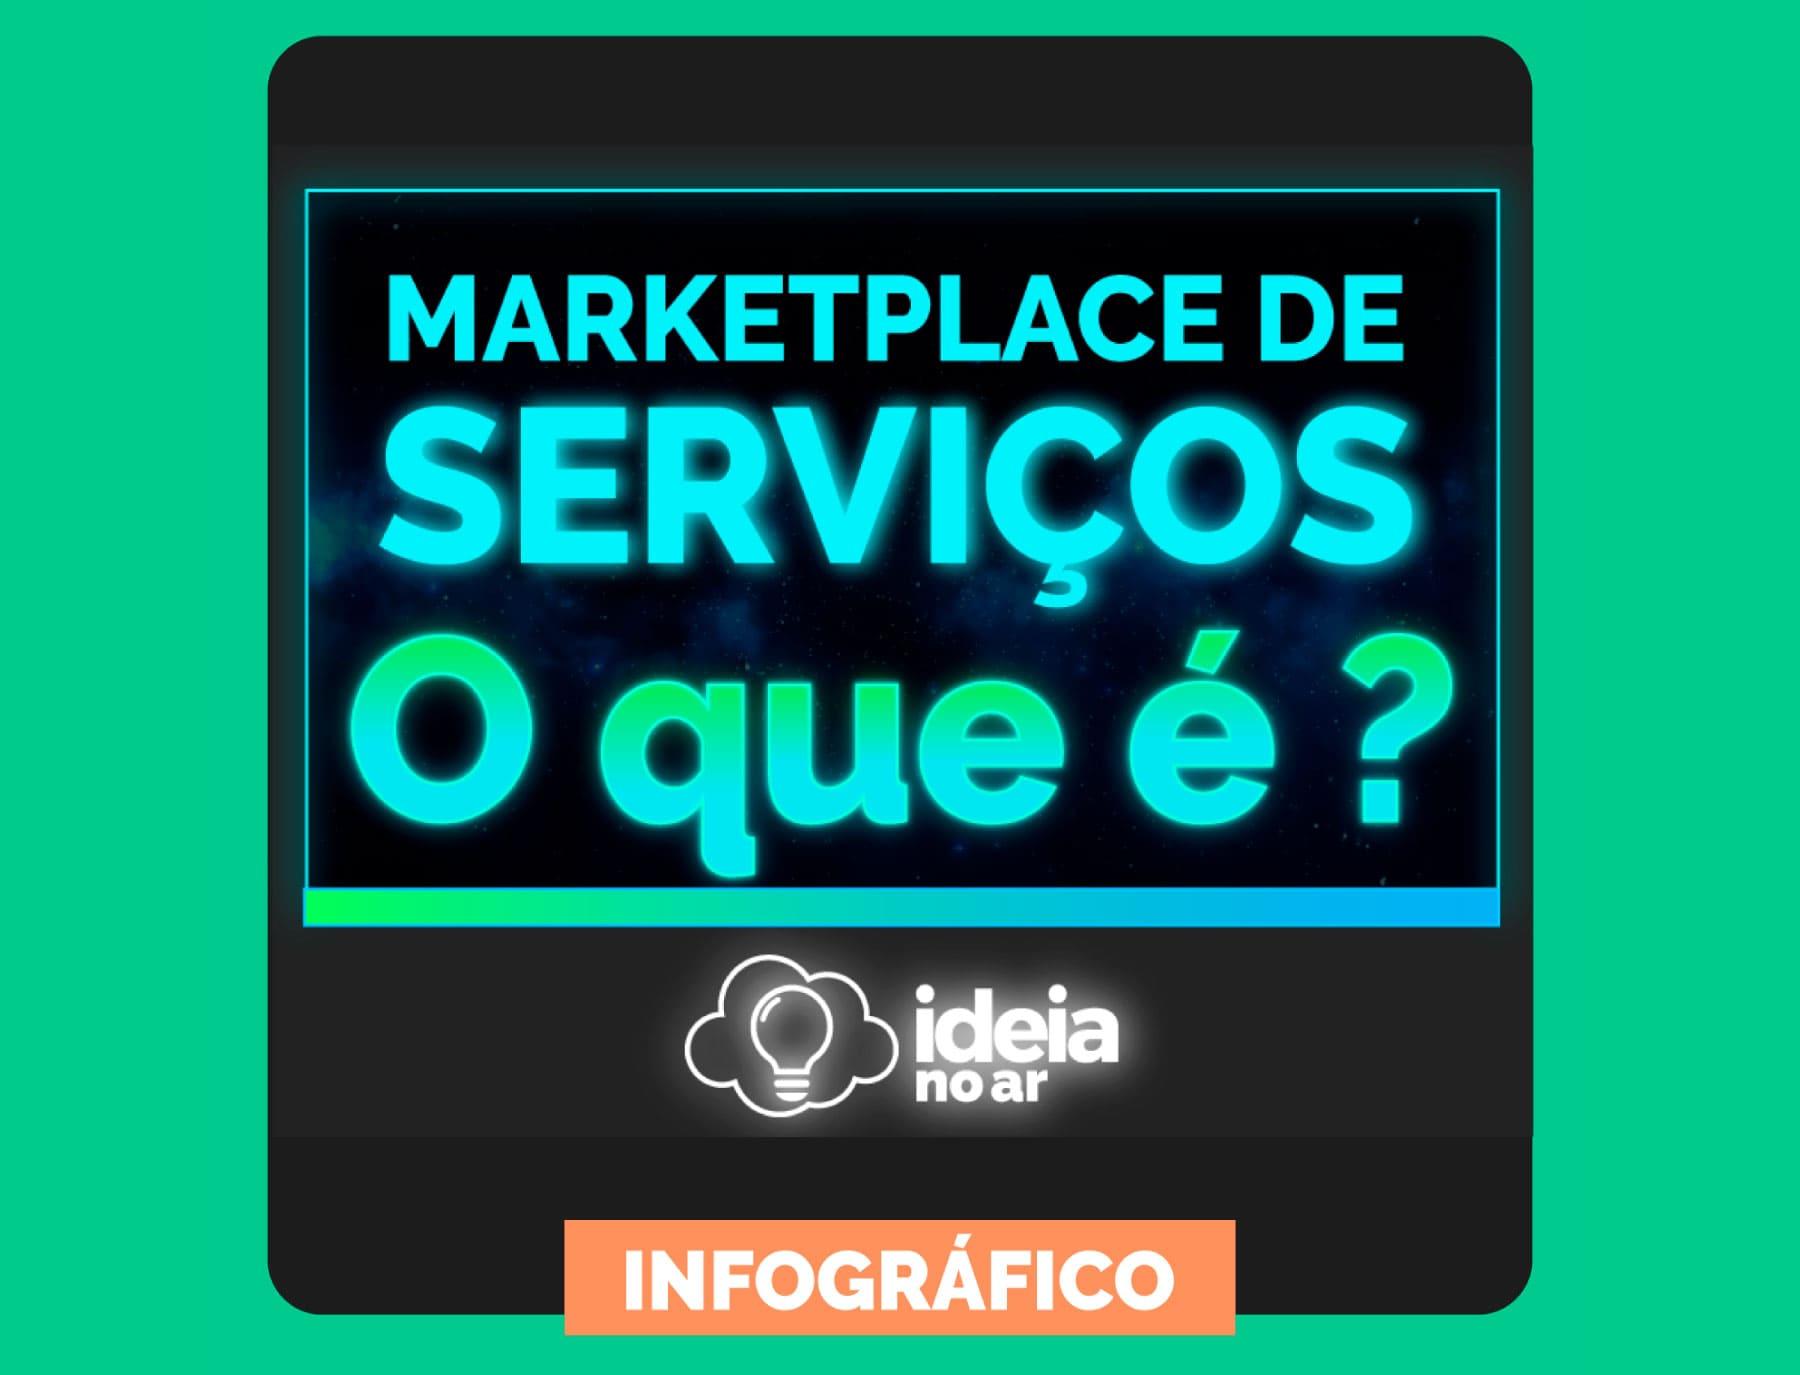 infografico-marketplace-de-servicos